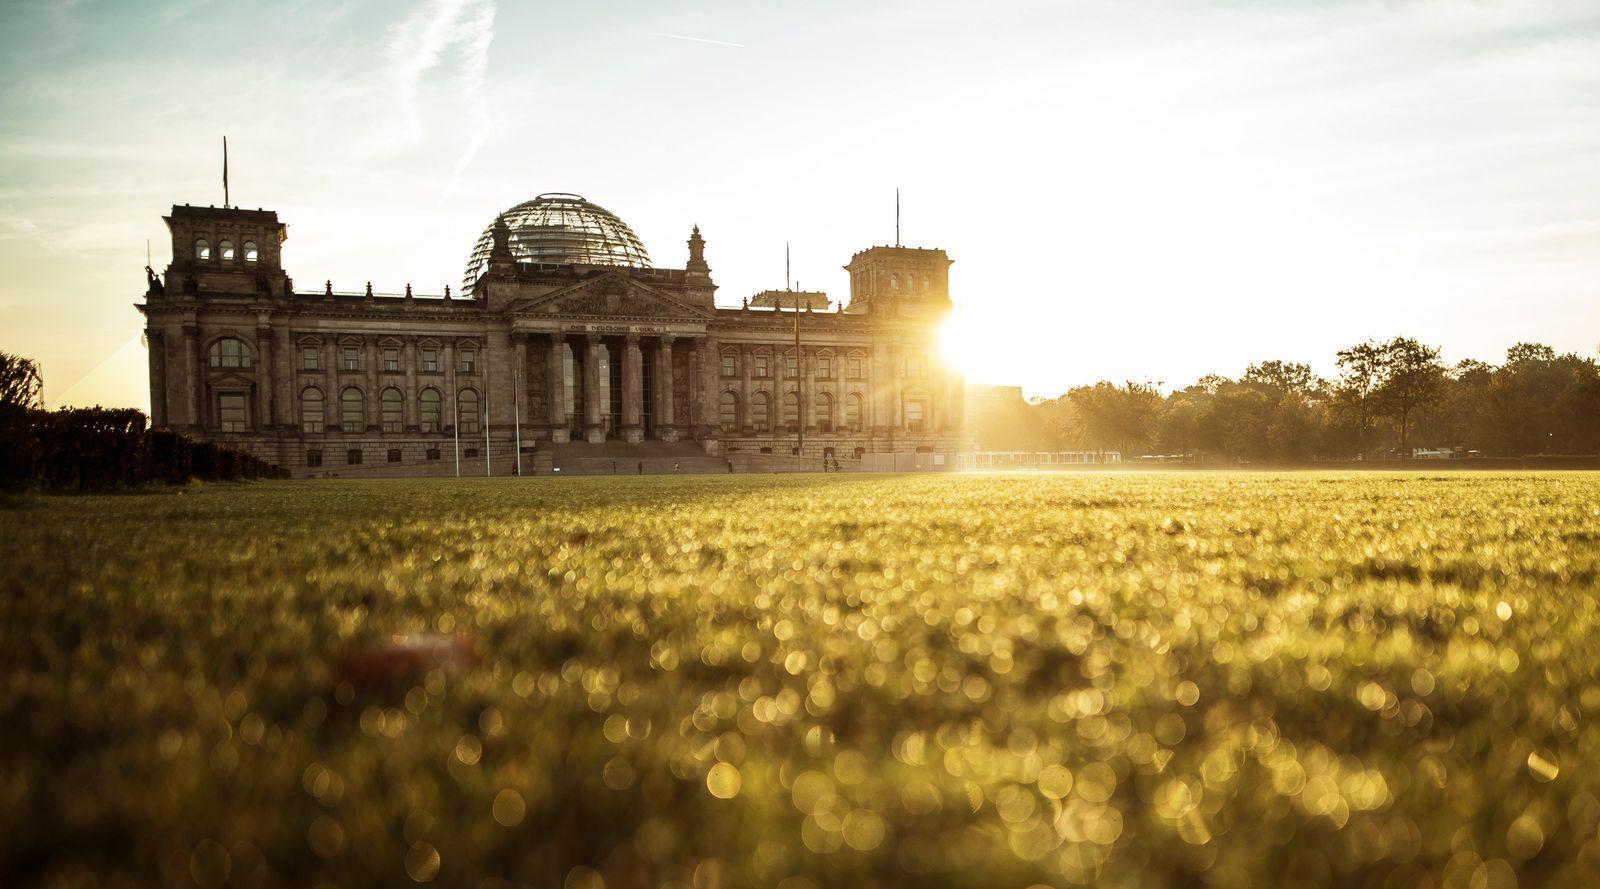 Reichstag am Morgen. Berlin, 21.10.2019. Berlin Deutschland *** Reichstag am Morgen Berlin, 21 10 2019 Berlin Germany PU